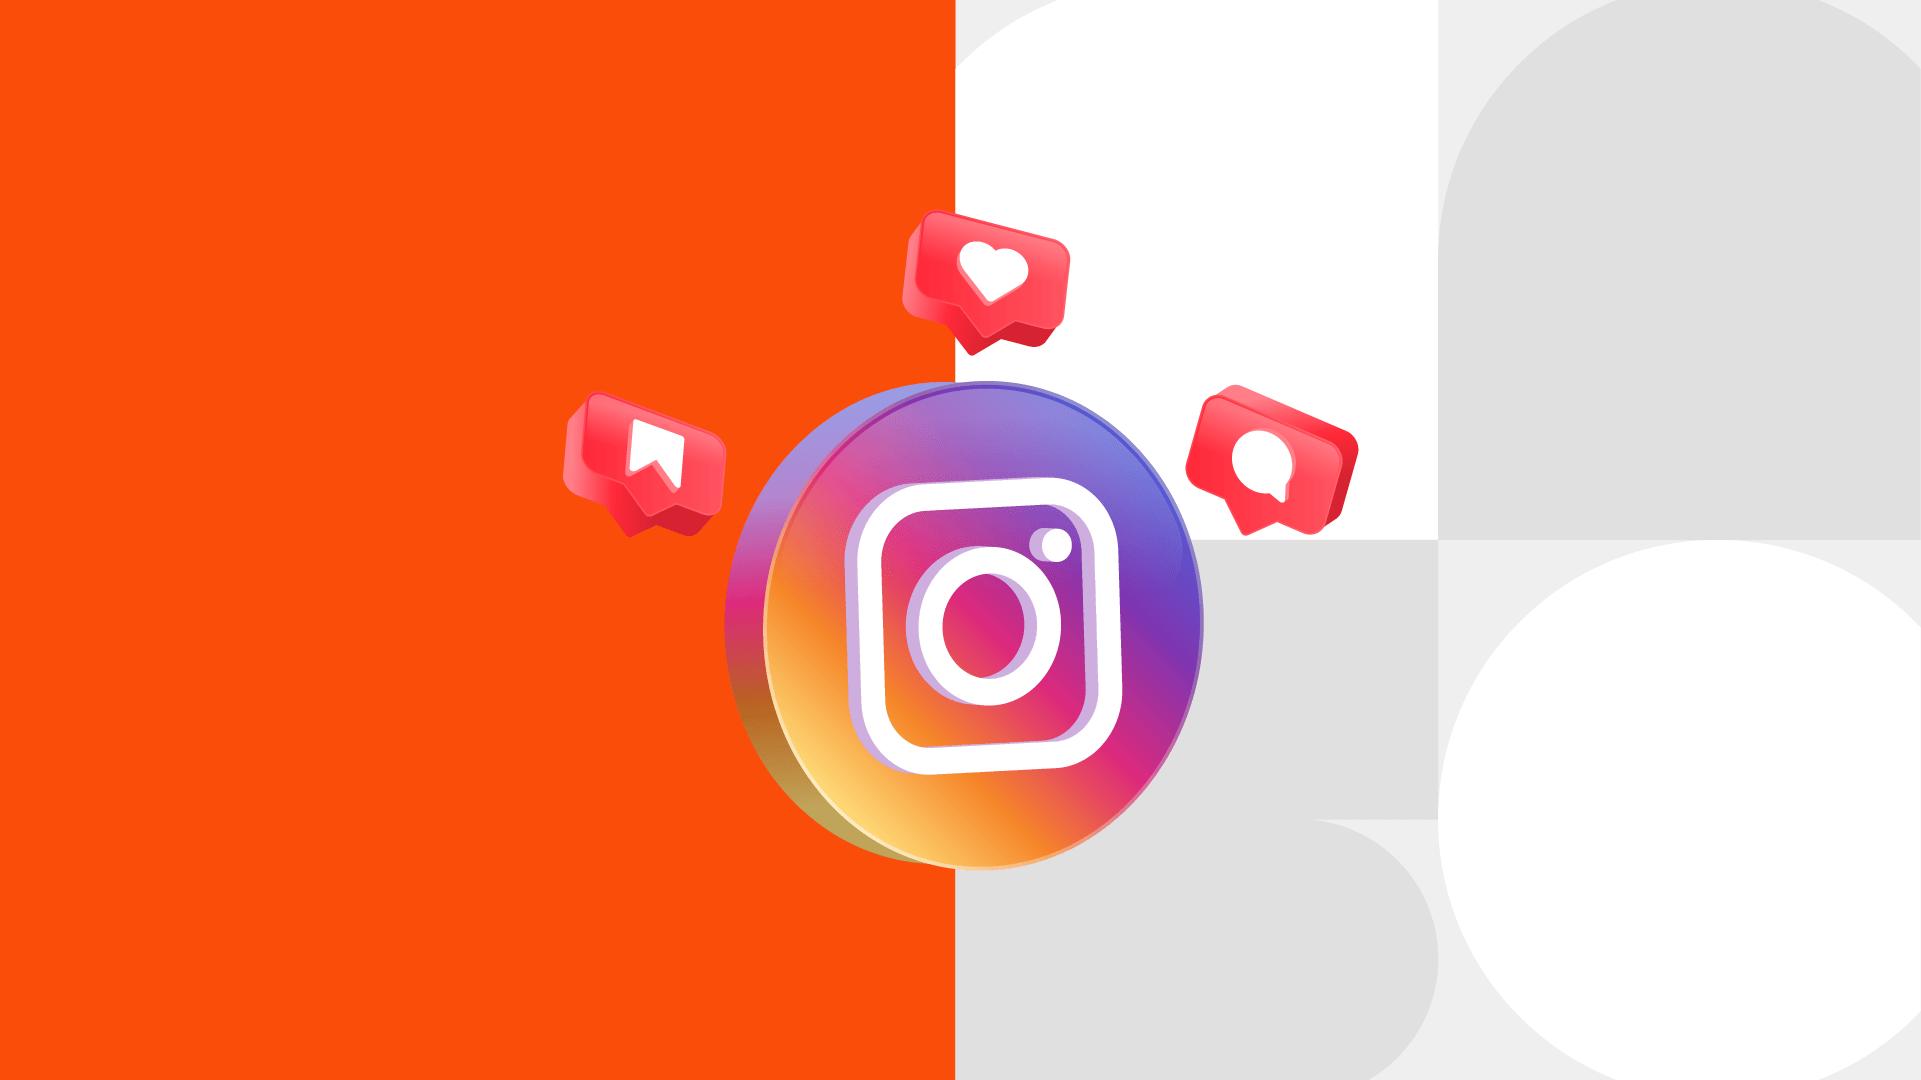 Você conhece o Instagram? Confira dicas para usar a ferramenta!